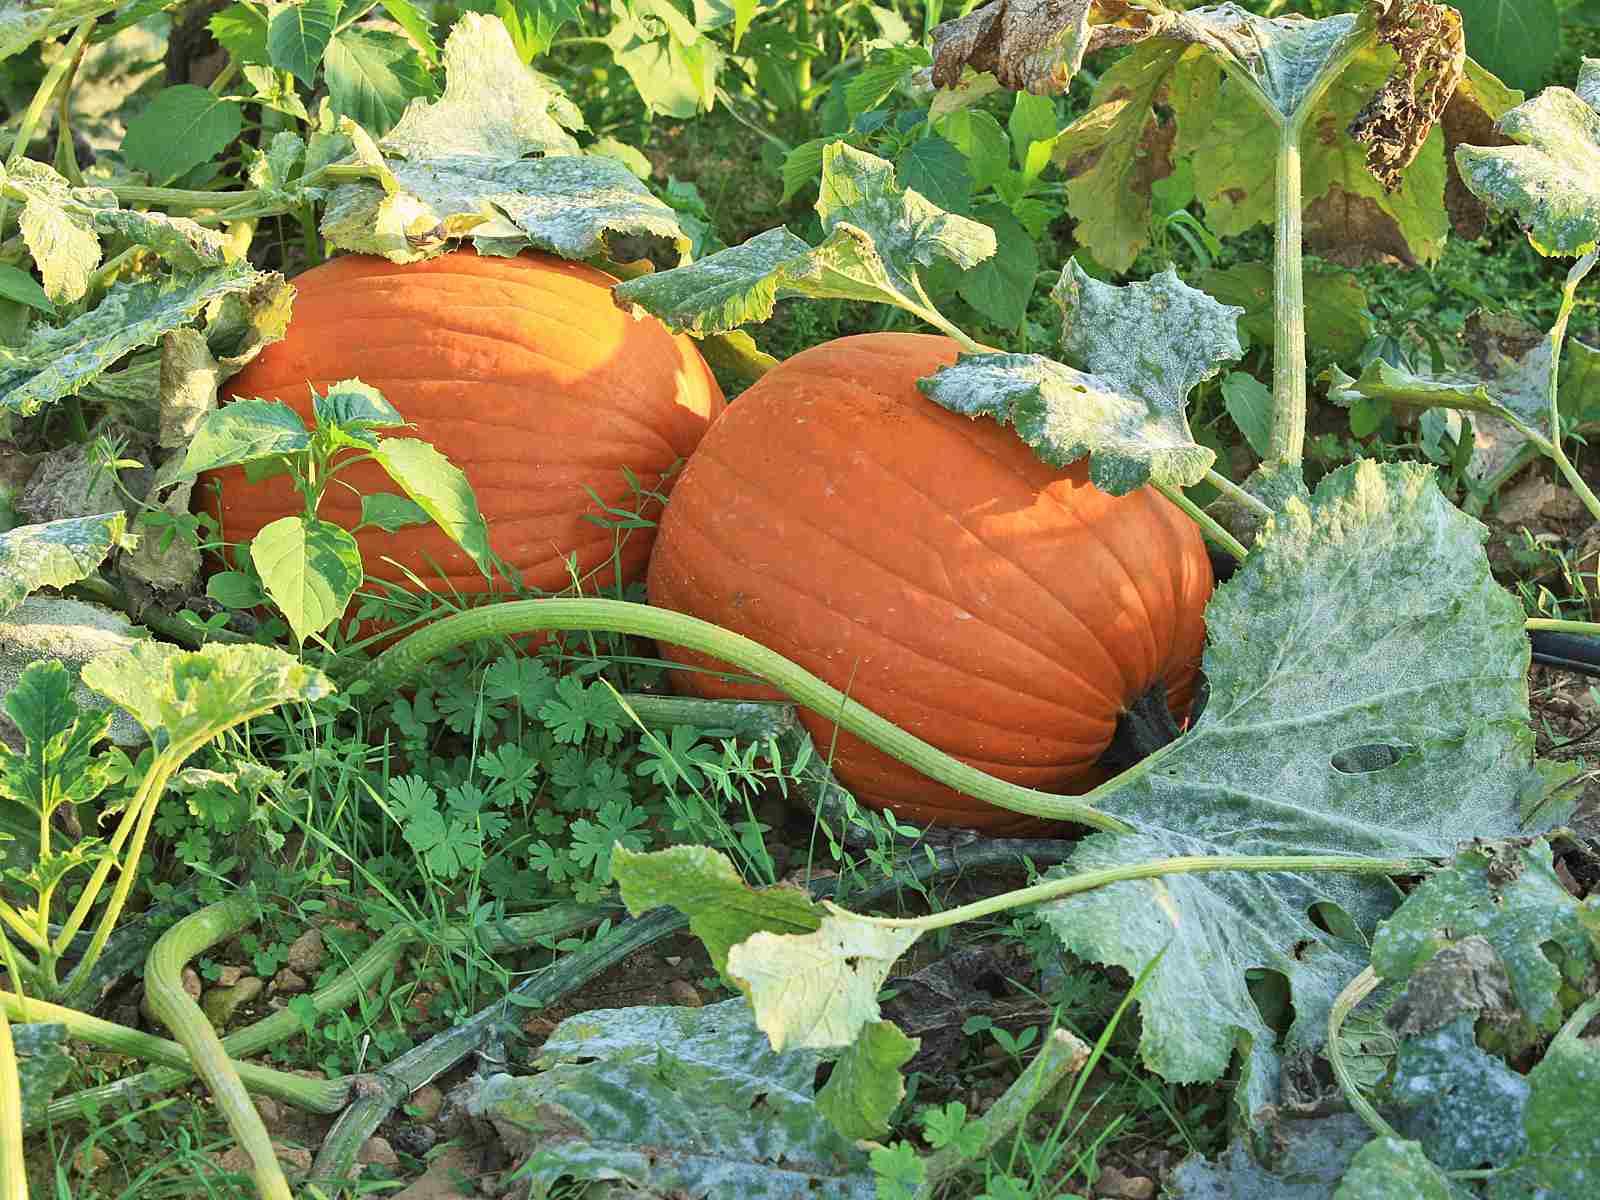 Two pumpkins growing in a garden.